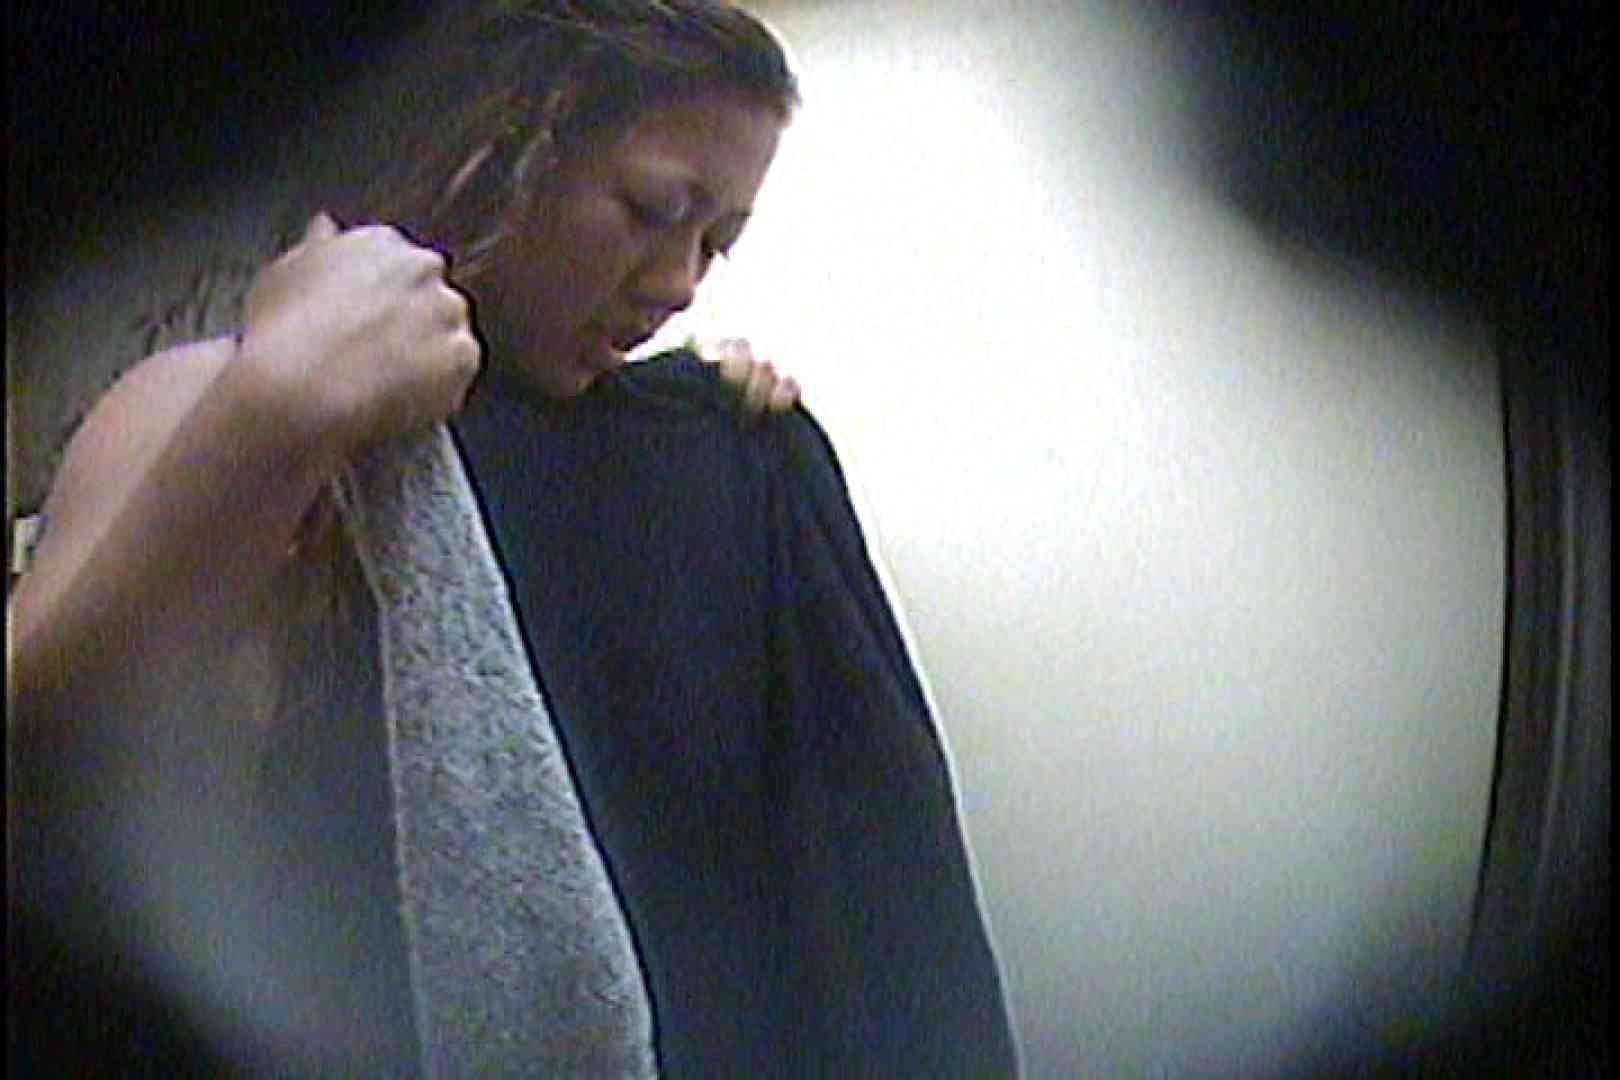 海の家の更衣室 Vol.21 美女達のヌード   シャワー中  89連発 60